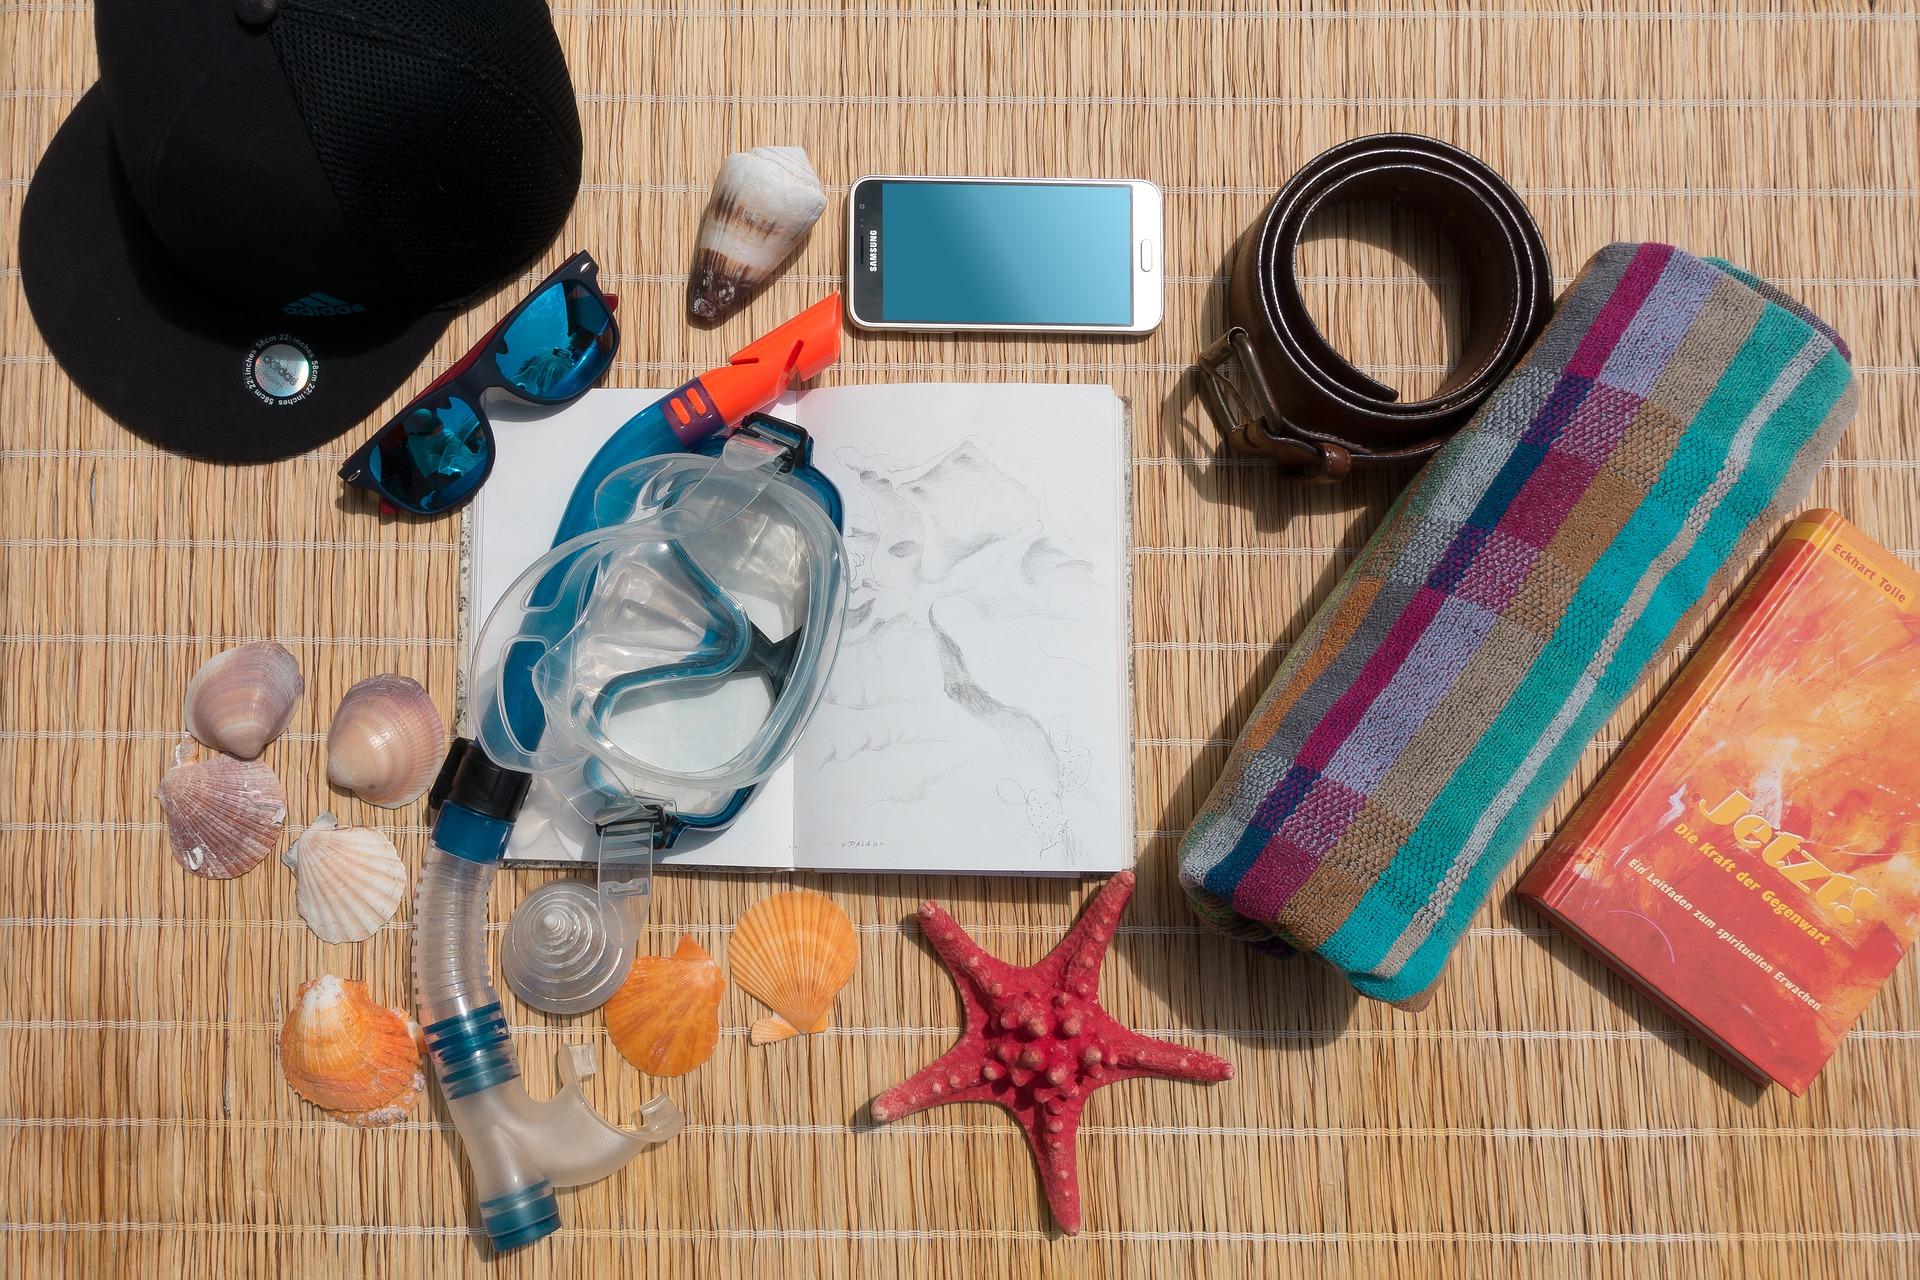 Beach gear, sunglasses, mat, starfish | www.portaransastex.com